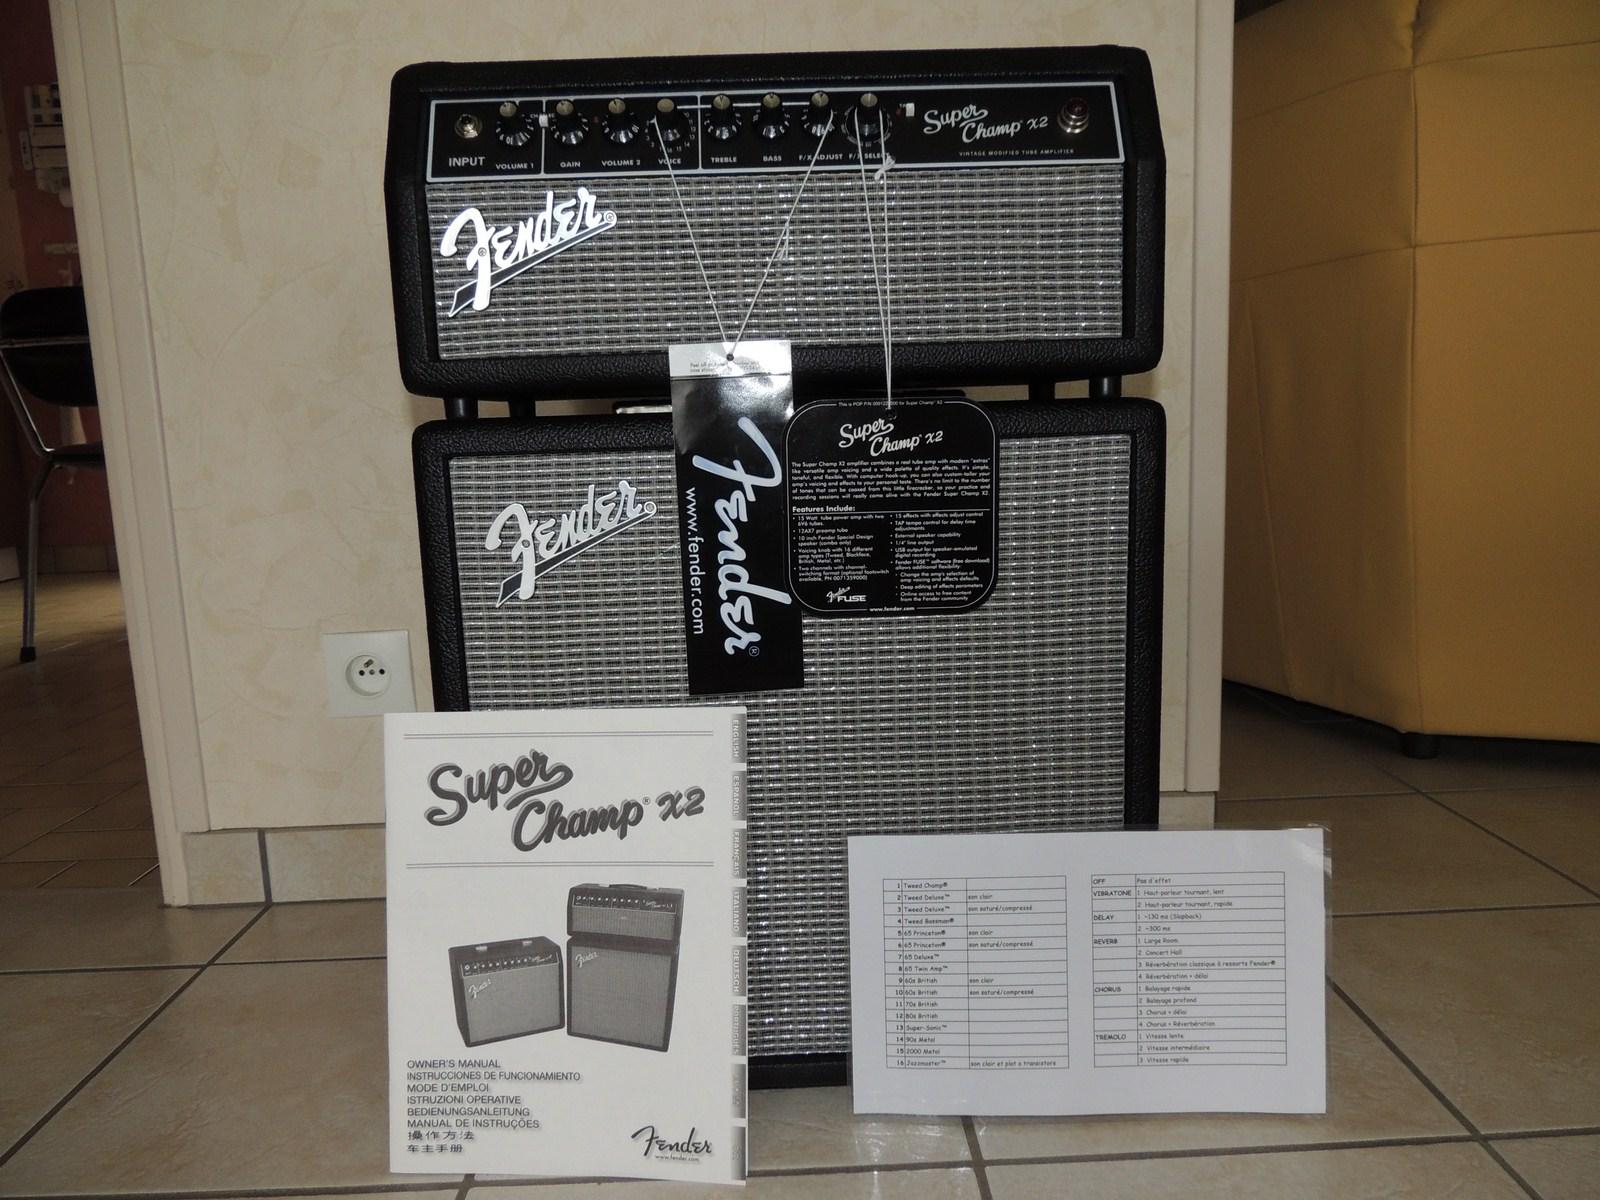 Fender Super Champ X2 Head Review : fender super champ x2 head image 535839 audiofanzine ~ Russianpoet.info Haus und Dekorationen